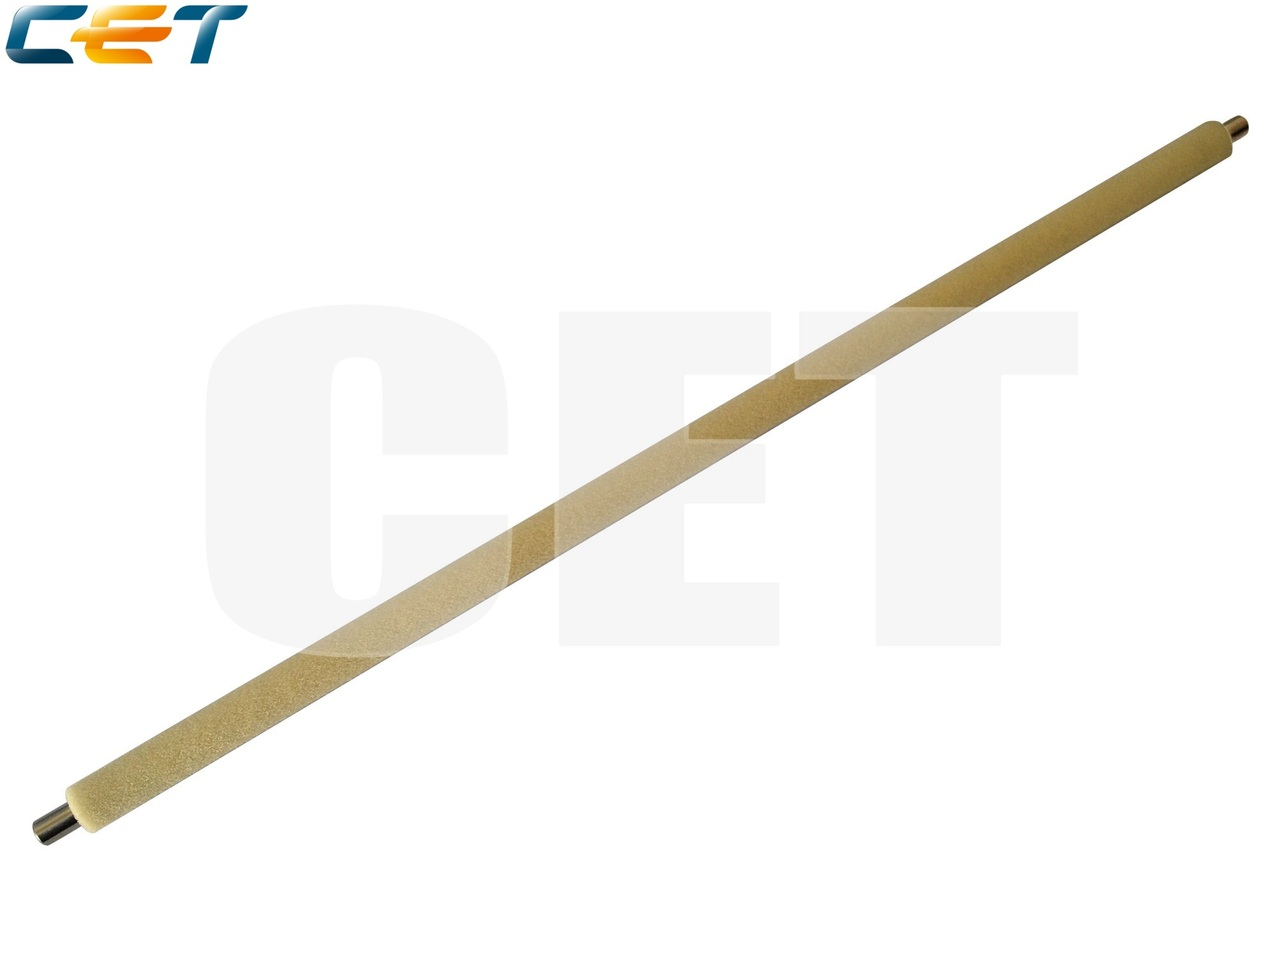 Ролик очистки ролика заряда (новая версия драм-юнита) дляCANON iR ADVANCEC3325i/C3330i/C3320/C3320L/C3320i/C5030/C5035 (CET),CET5254